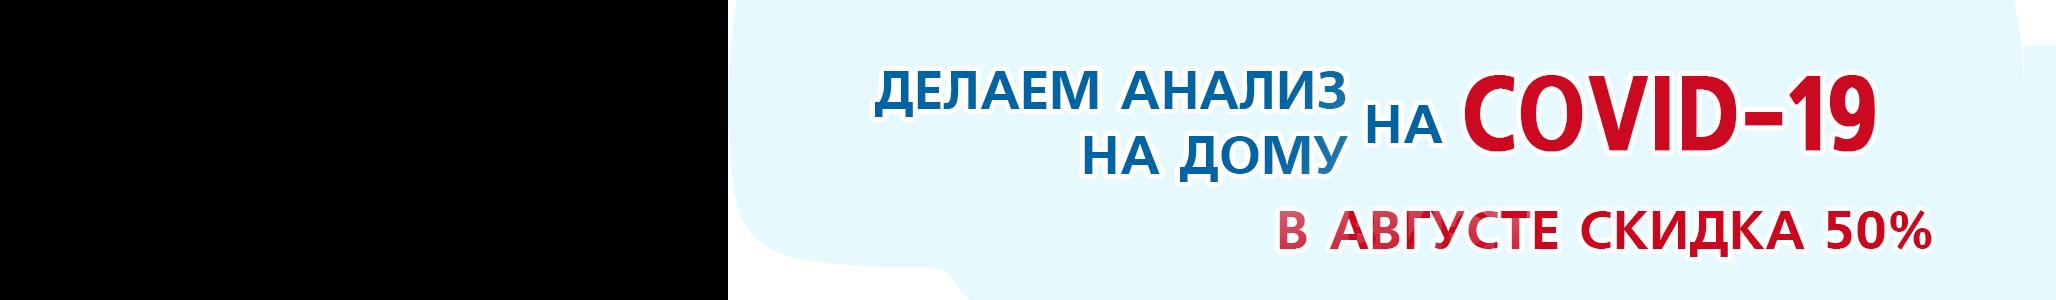 Медицинский многопрофильный центр Ниармедик на улице Пирогова